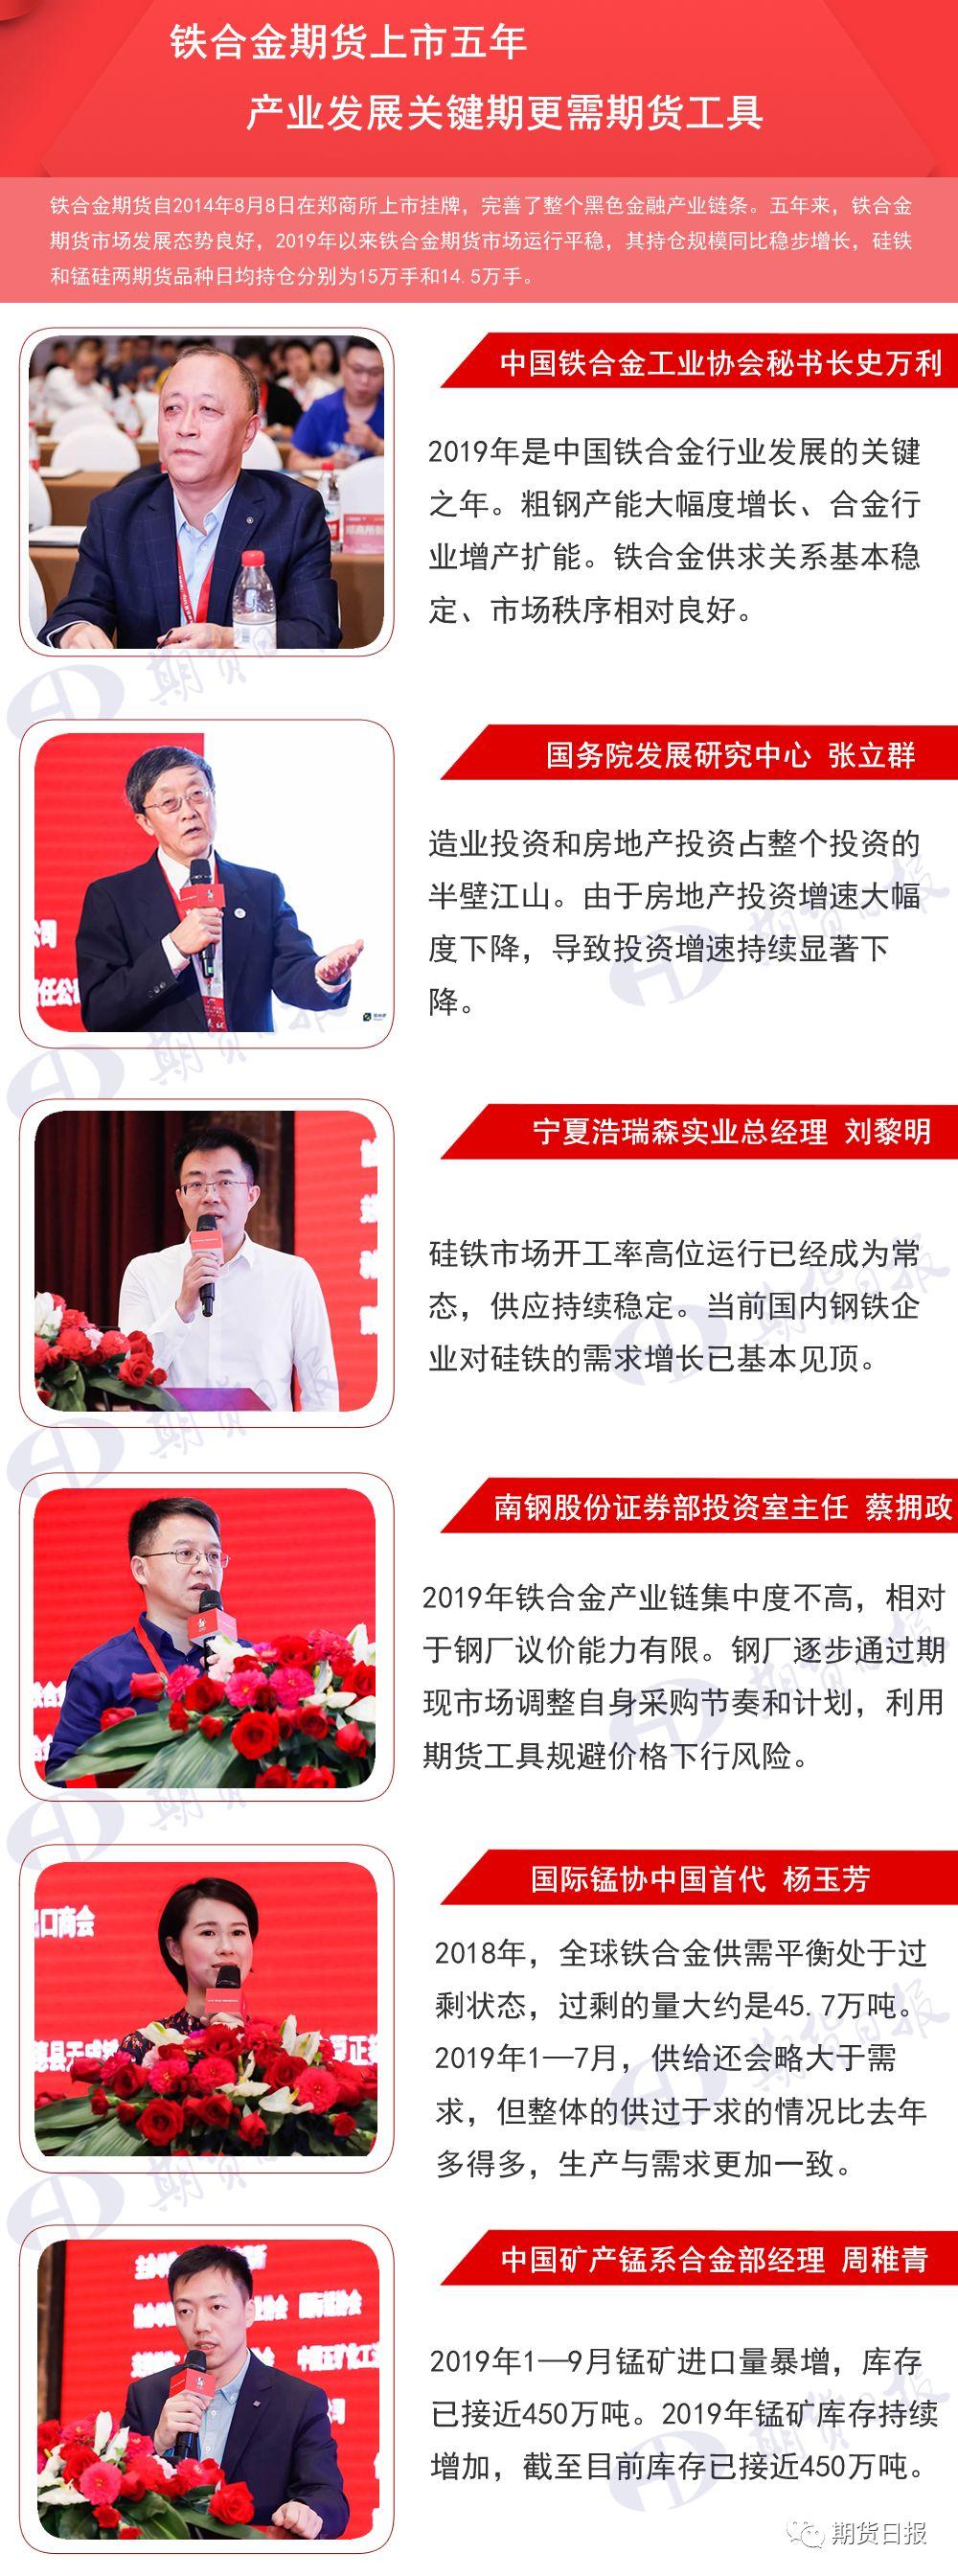 """葡京线上赌博官网 - 被""""卡脖子""""吓怕了?中国的今天恰恰要感谢美国的封锁"""